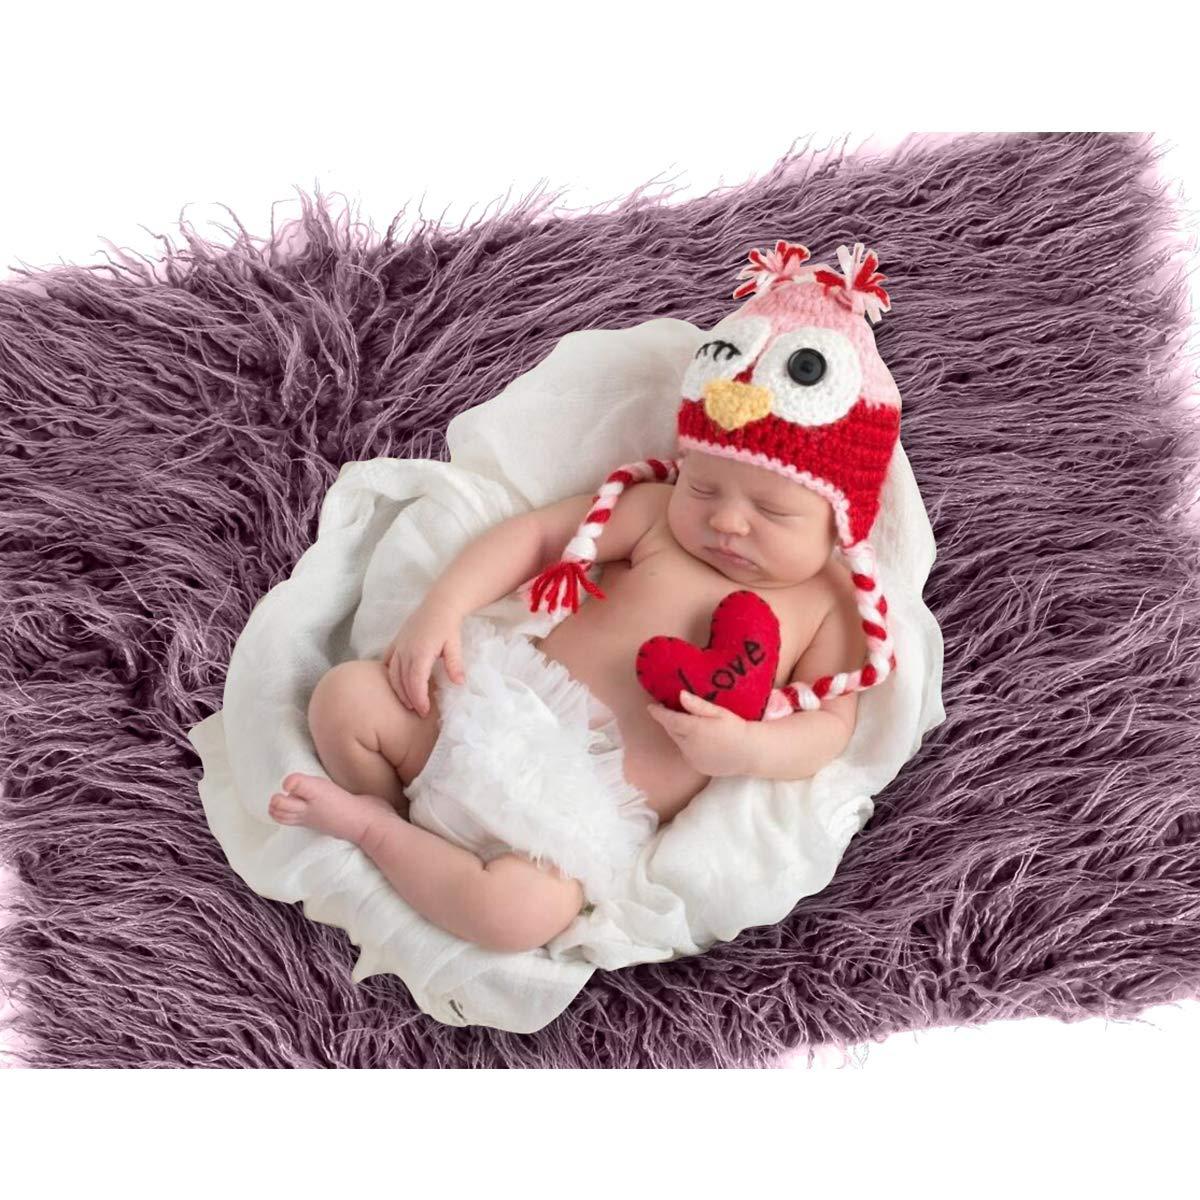 Taro Purple Yudanny Baby Foto-Requisiten flauschige Decke und geriffeltes Wickelset f/ür Neugeborene